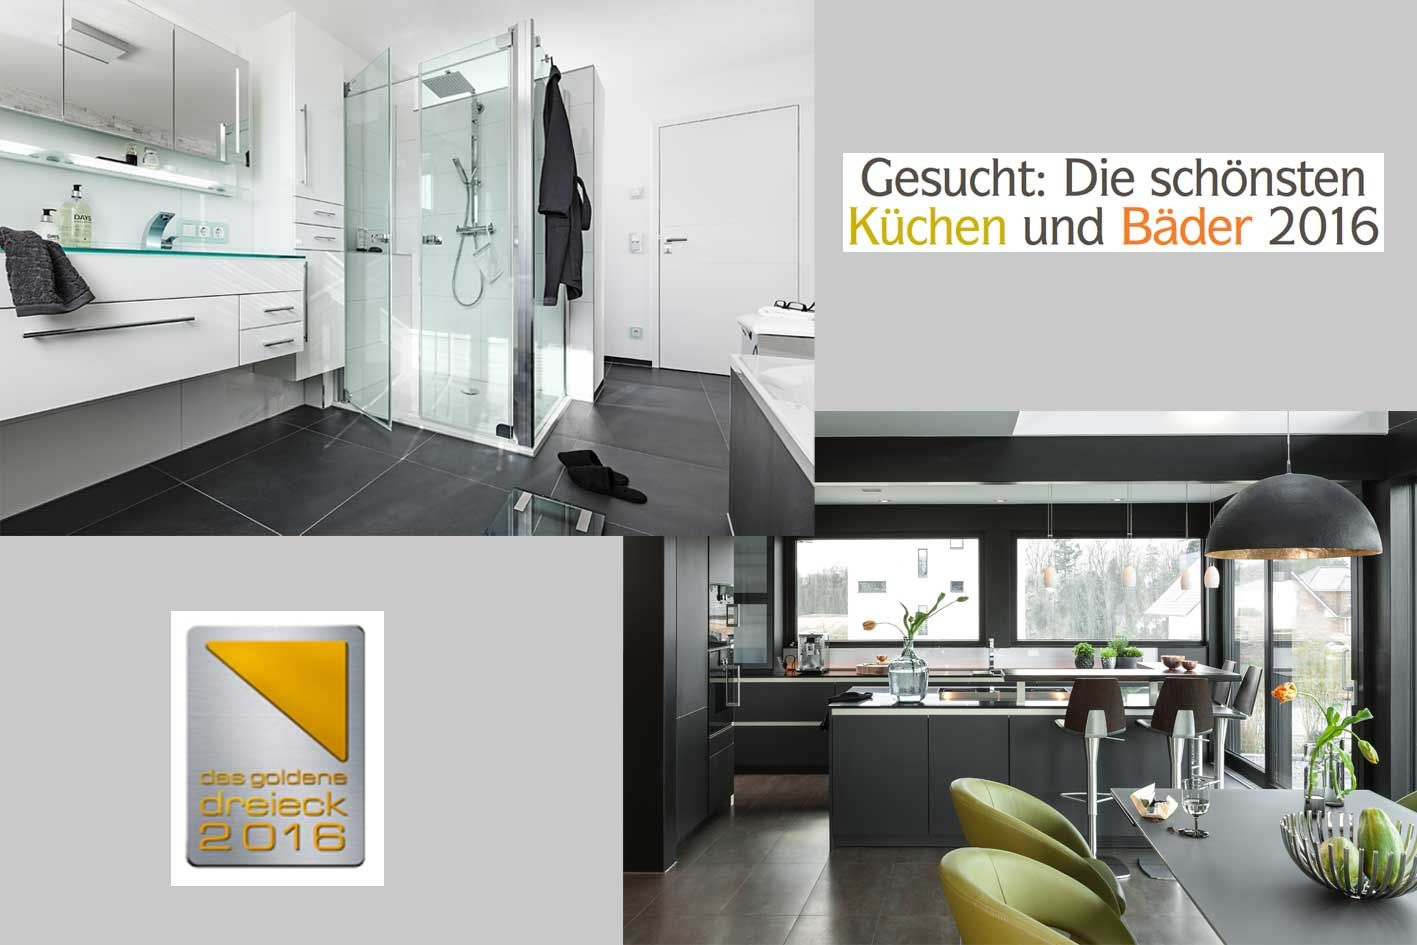 gesucht die sch nsten k chen und b der 2016 zuhause wohnen. Black Bedroom Furniture Sets. Home Design Ideas